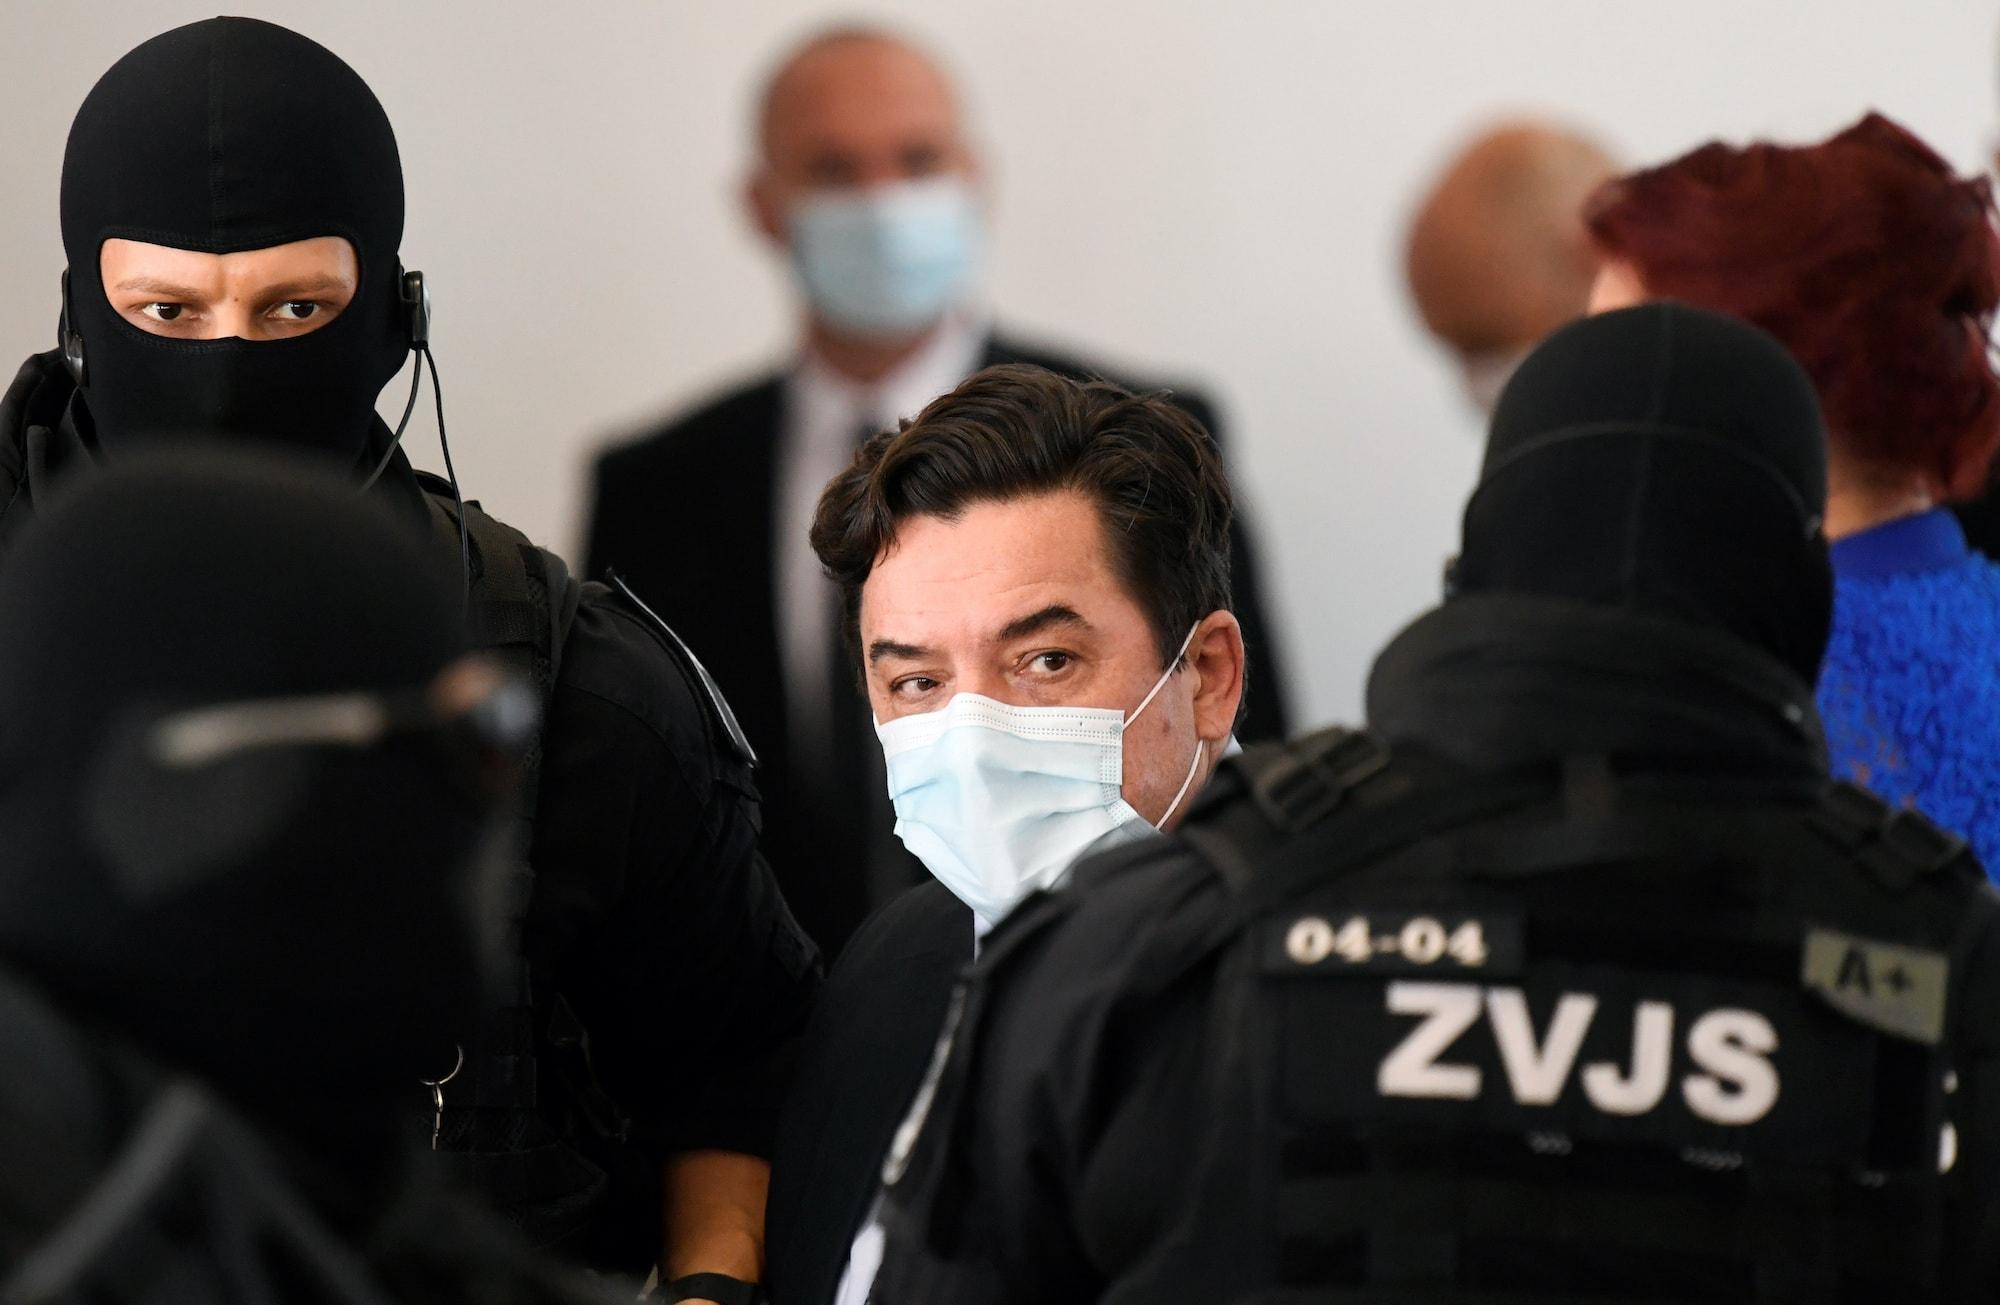 Verdict on Slovak businessman Marian Kocner in Pezinok